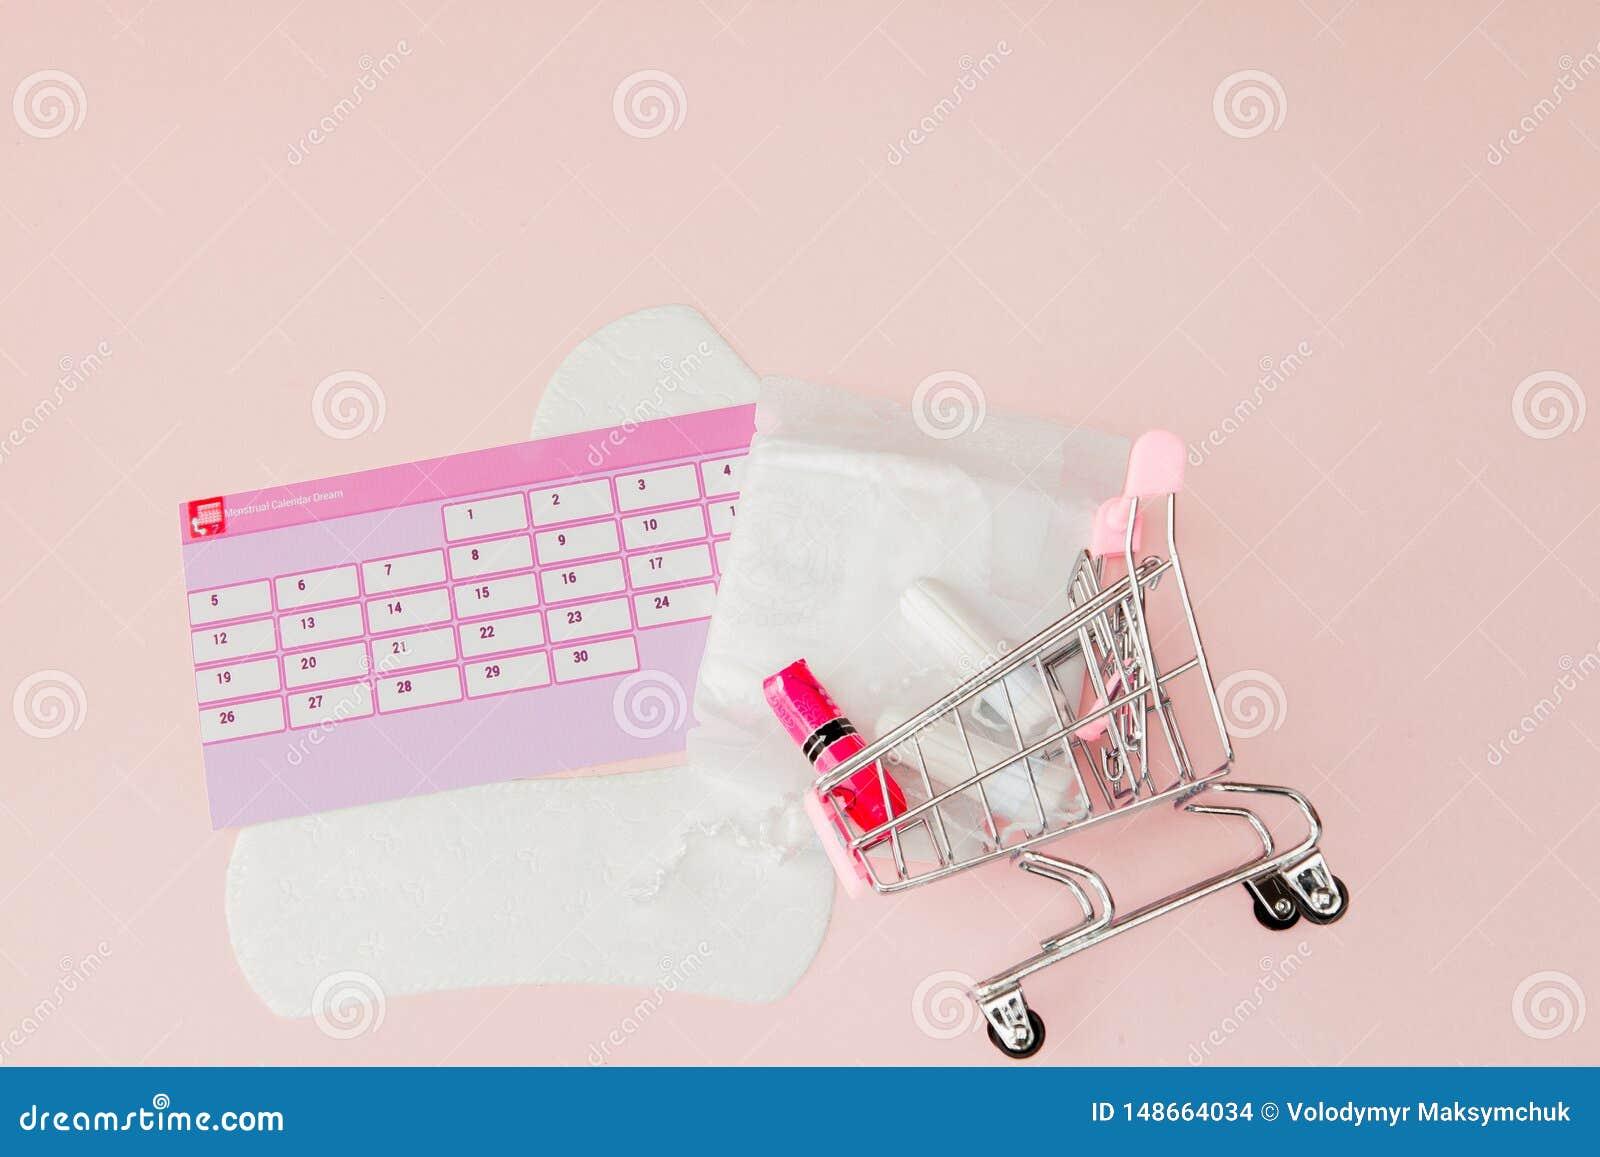 Tampon, protections f?minines et sanitaires pendant des jours critiques, calendrier f?minin, pilules de douleur pendant les r?gle